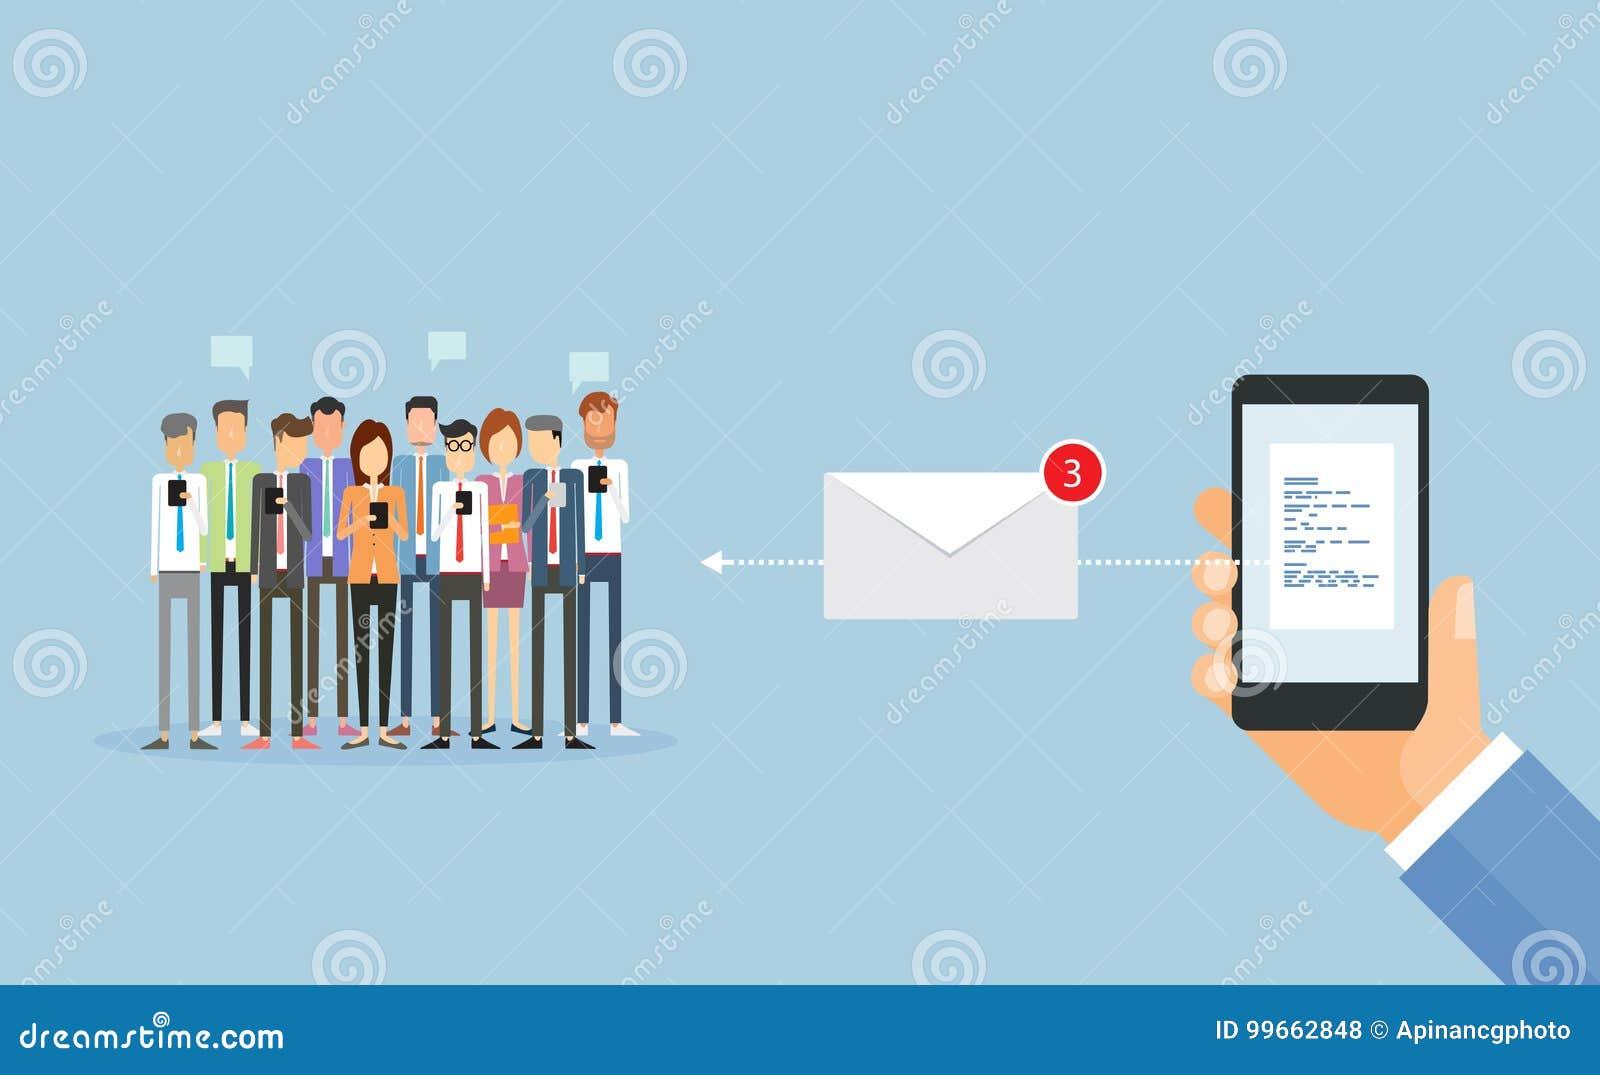 Επιχείρηση που στέλνει το μήνυμα στο κινητό και μάρκετινγκ ηλεκτρονικού ταχυδρομείου